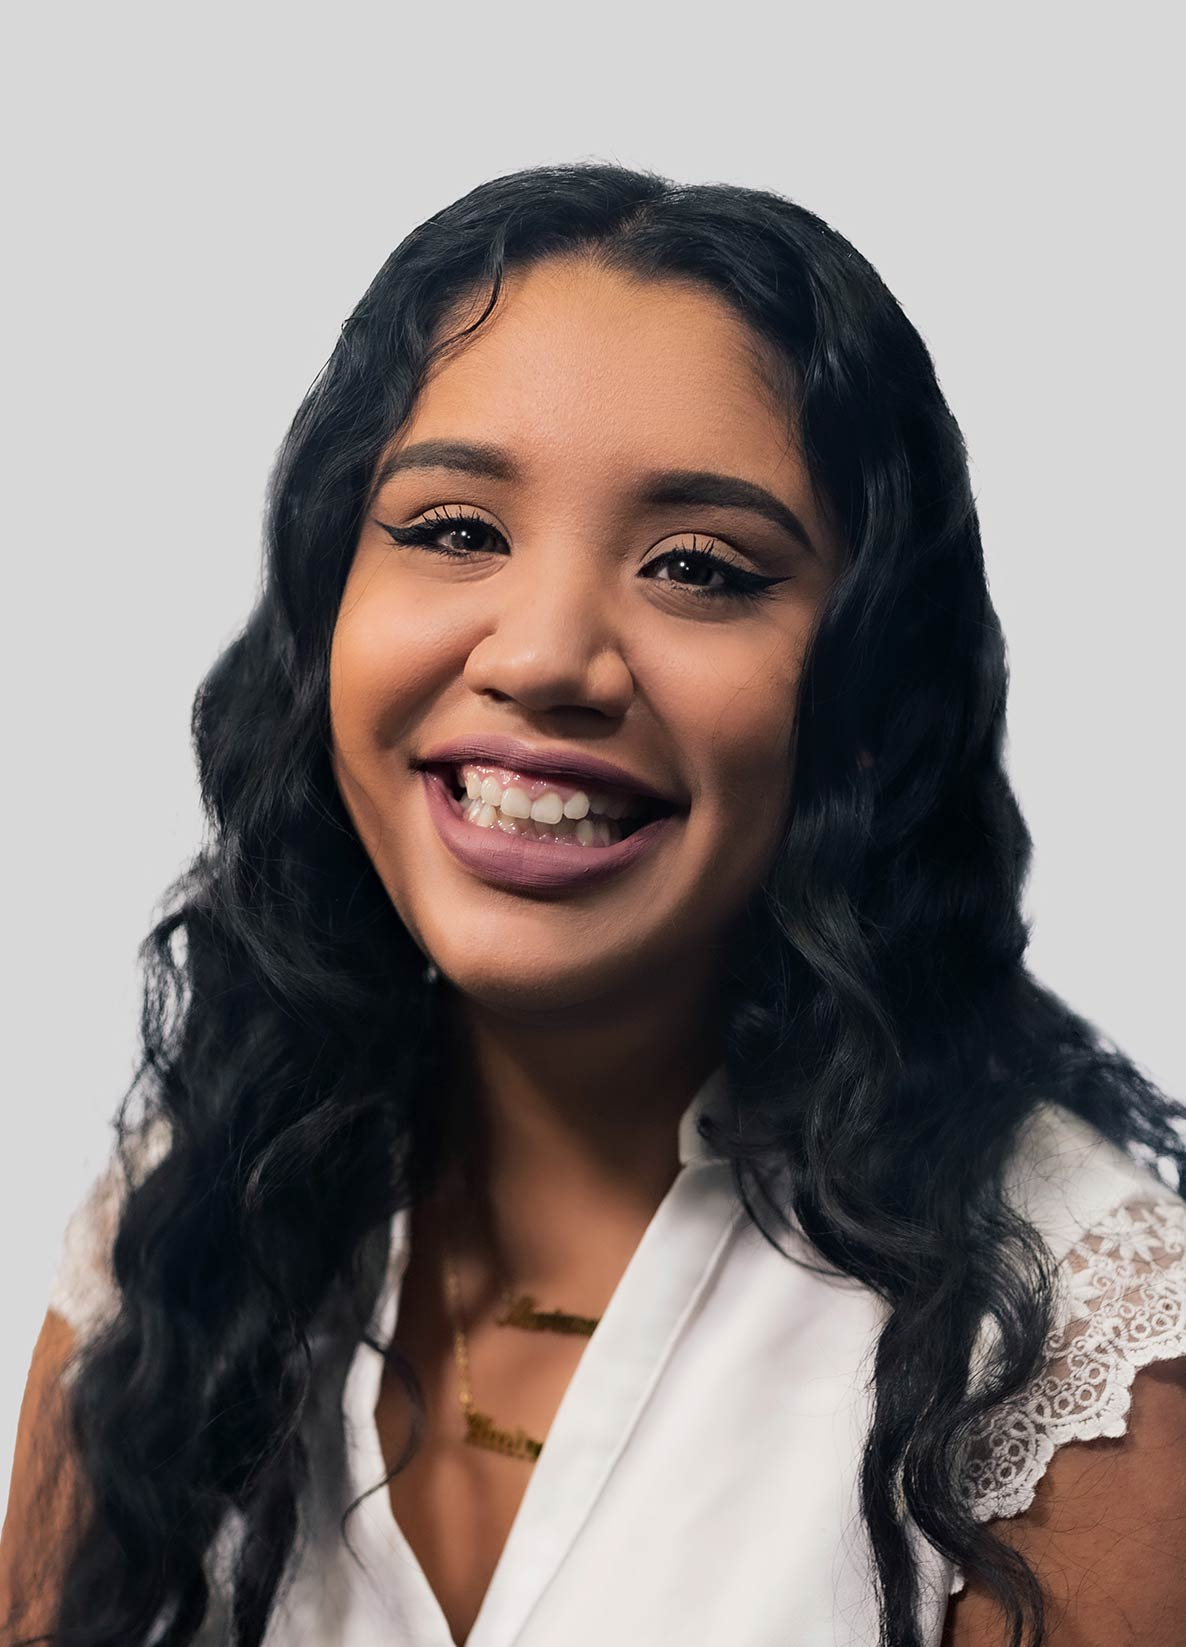 Mariana Arredondo